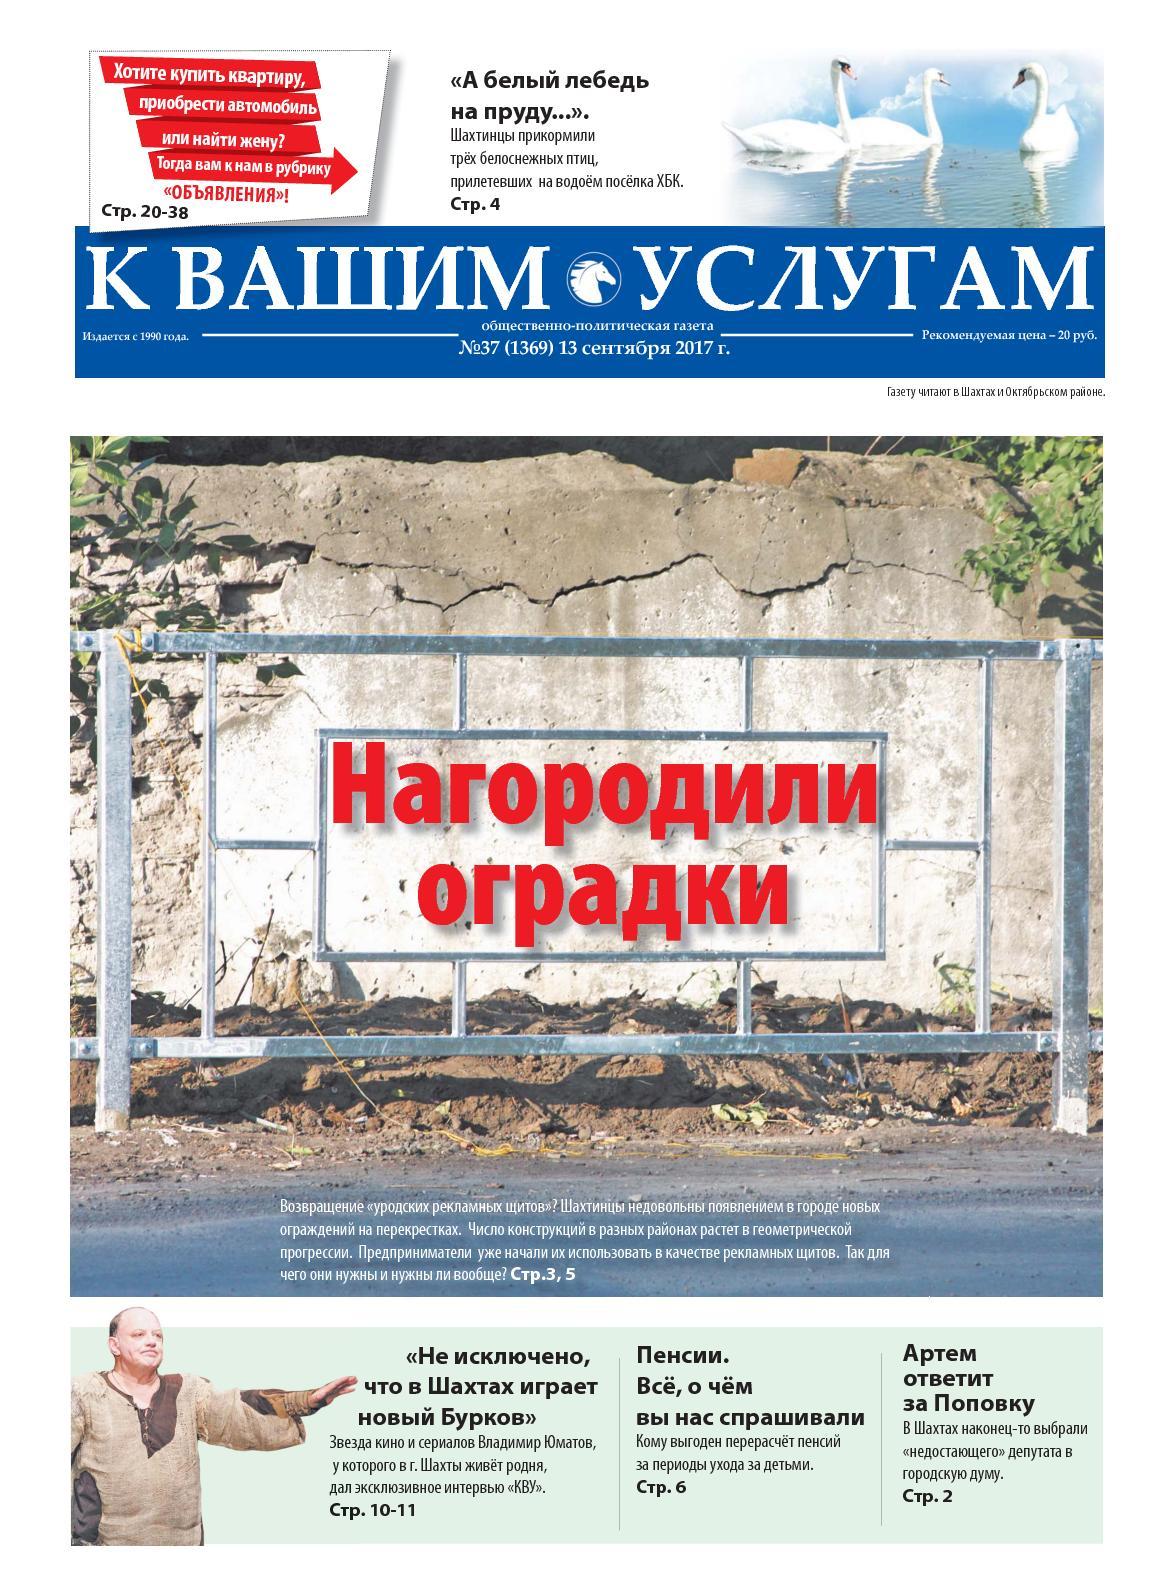 Мраморный крестик Долинск Эконом памятник Башня с профильной резкой Каспийск